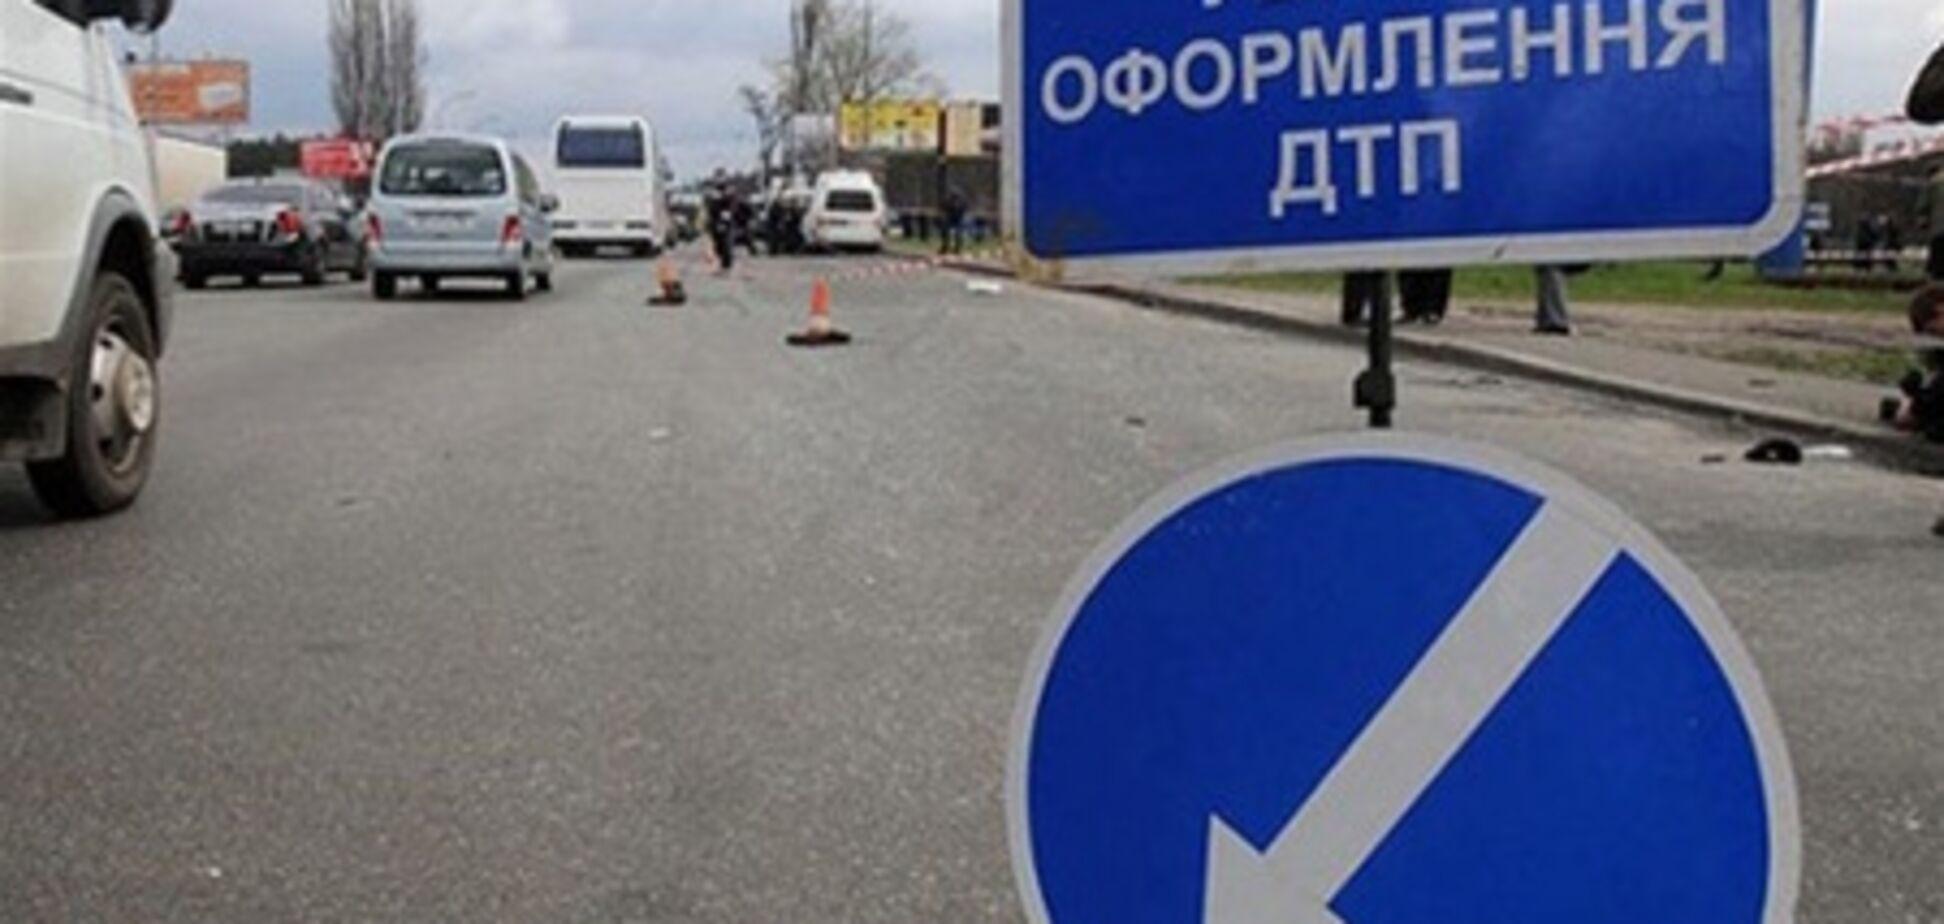 Ситуация на дорогах: 92 ДТП, 15 погибших